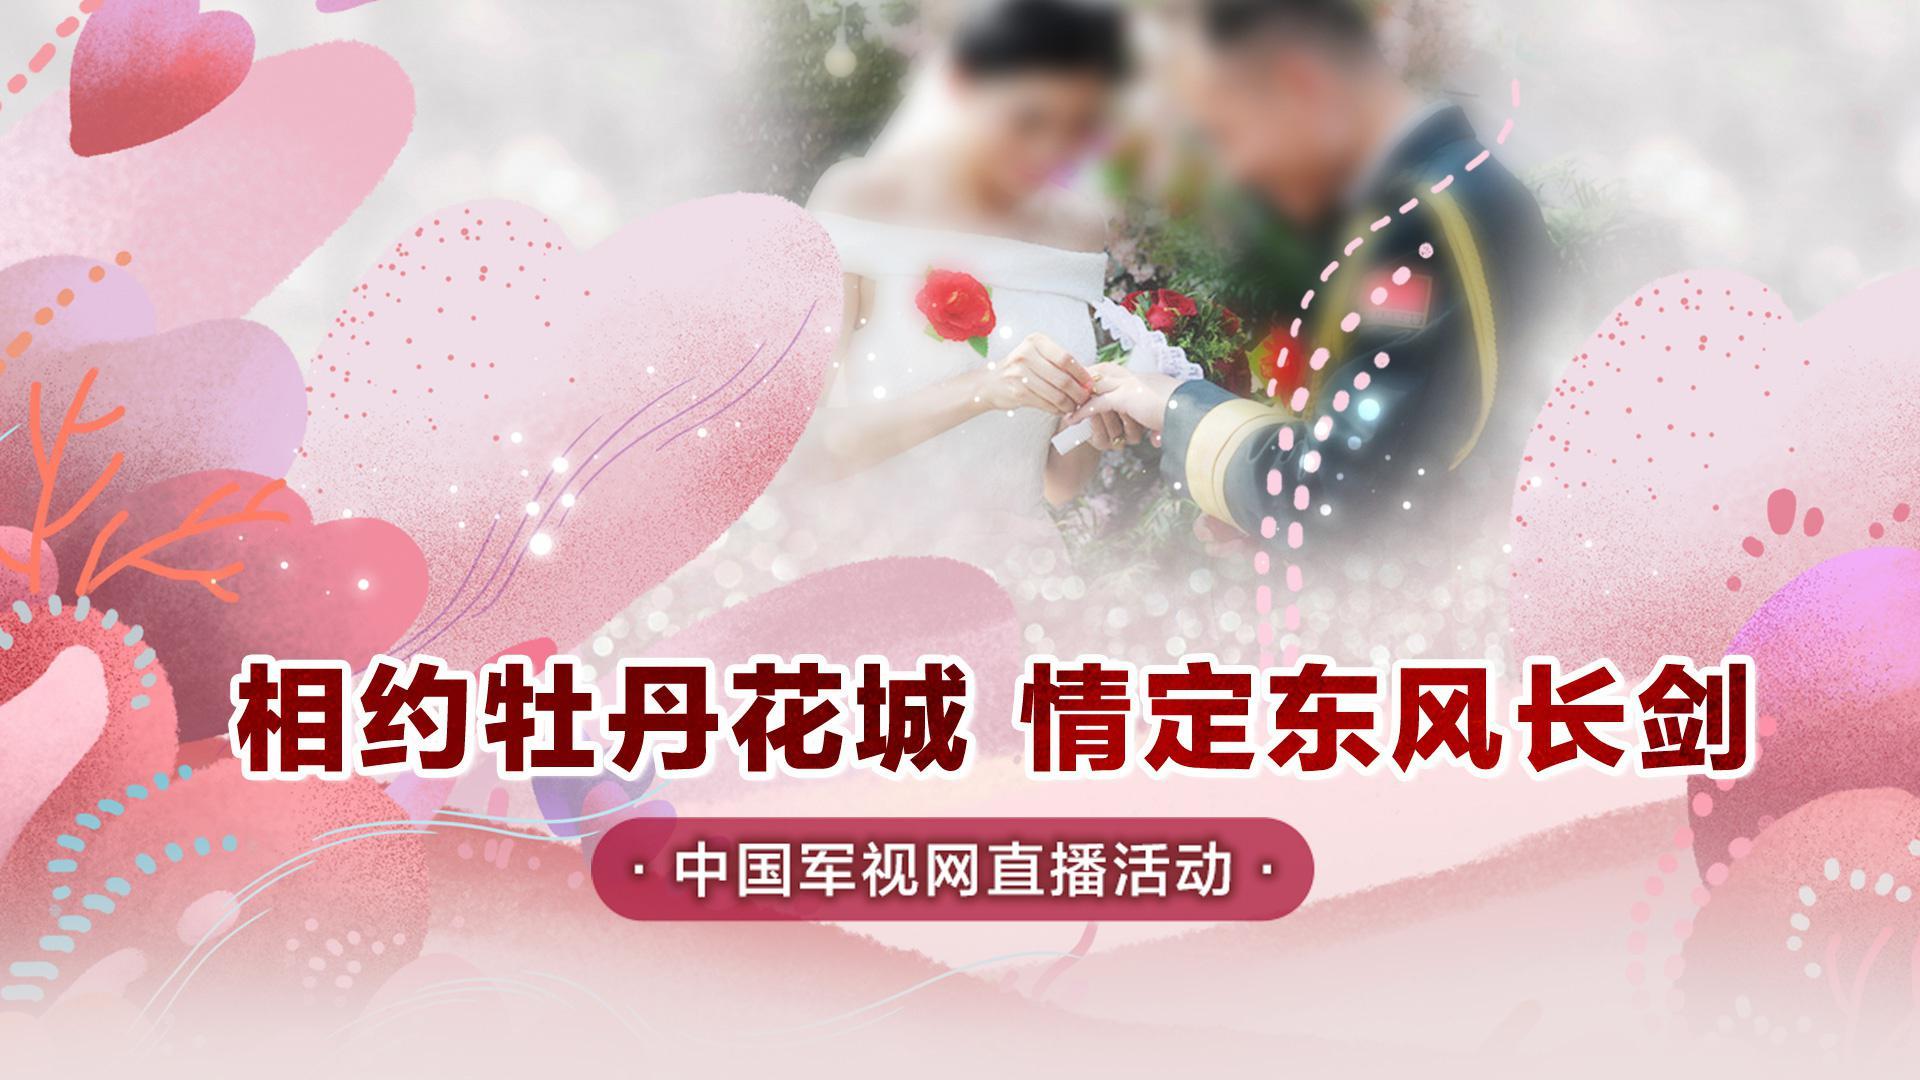 【直播预告】火箭军101对新人的集体婚礼 邀你一起来观礼!